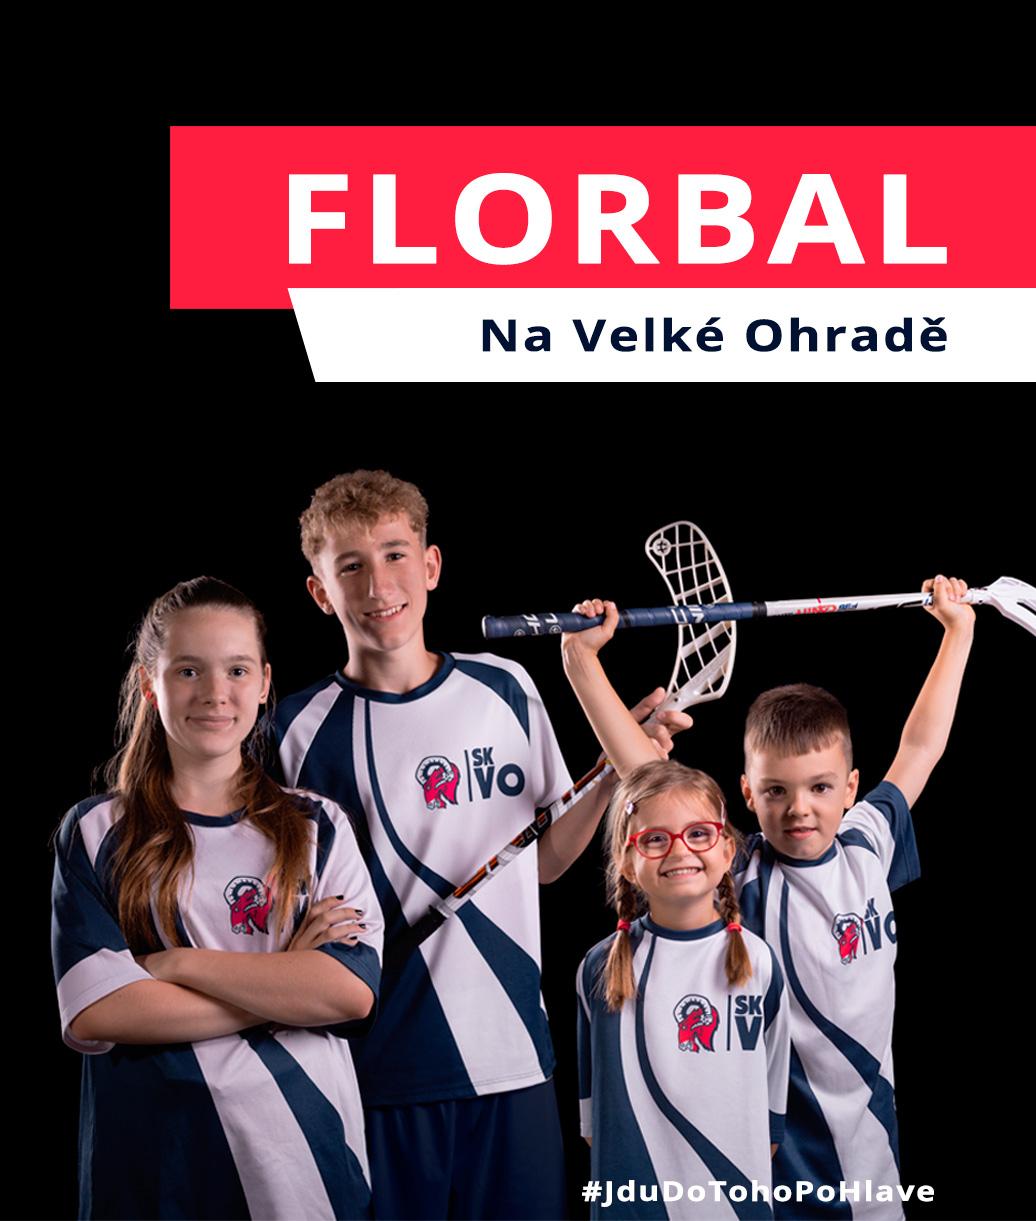 florbal Praha 13 uvodni fotka - mobil